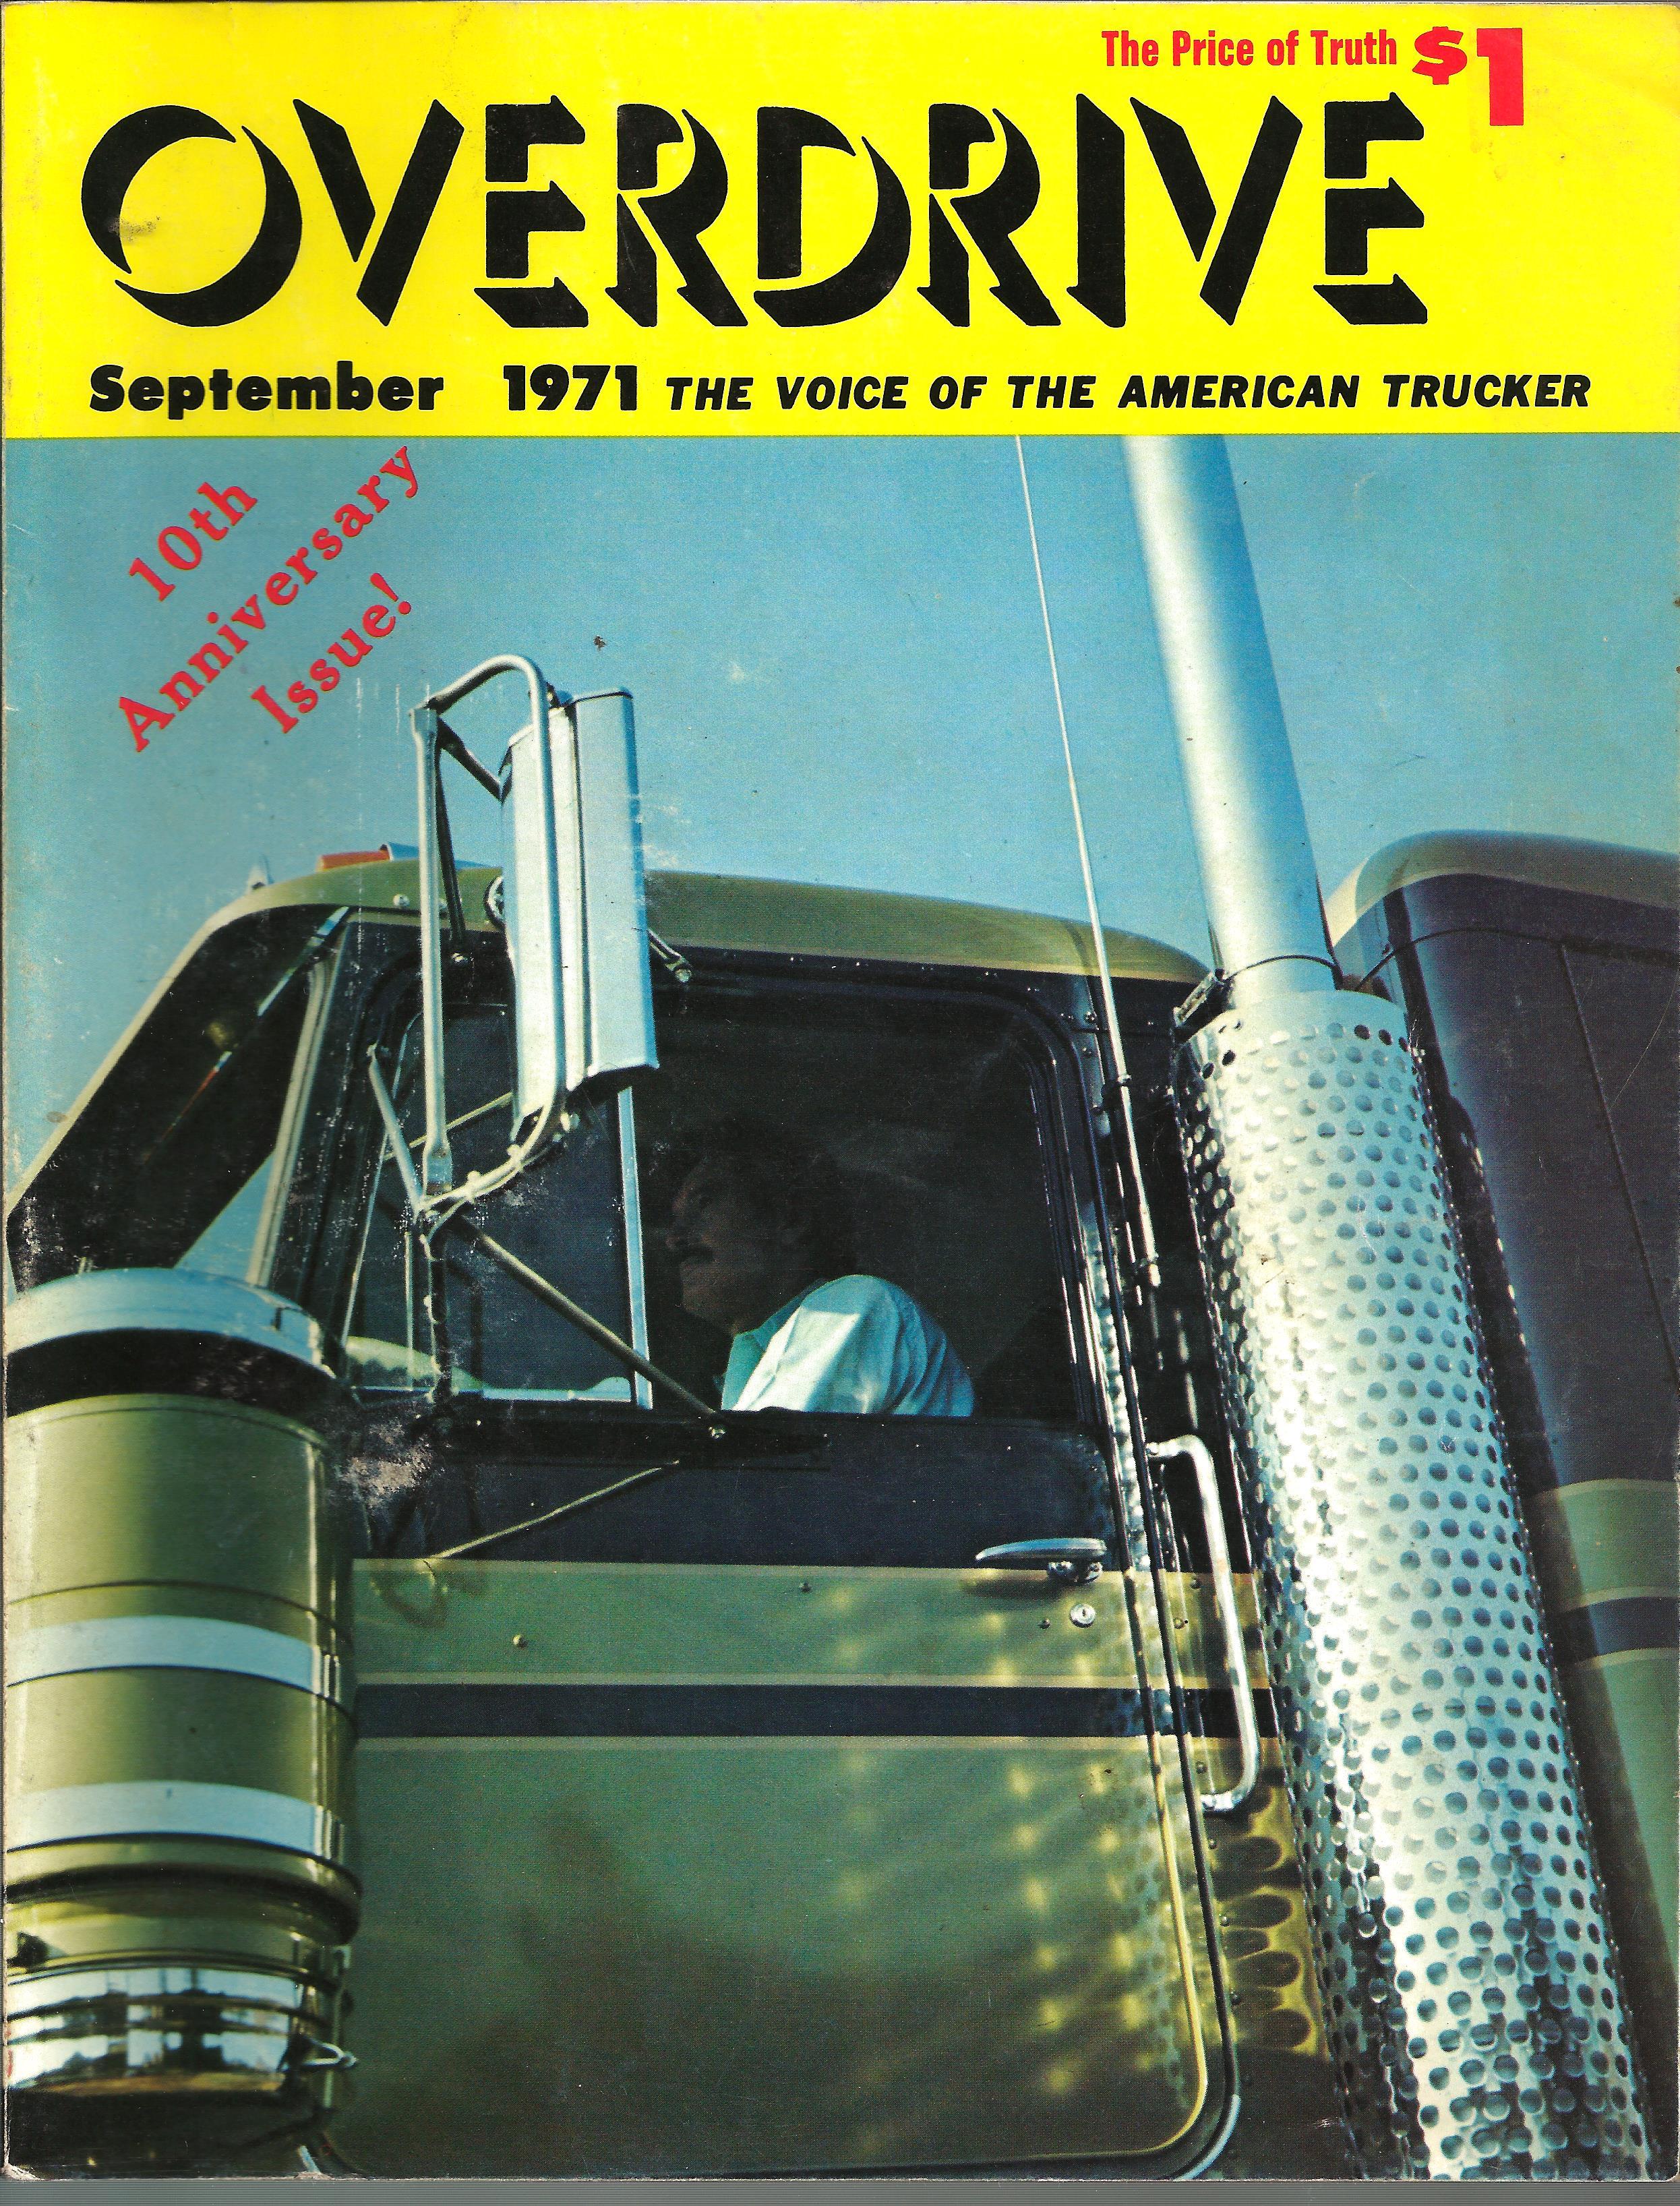 Overdrive September 1971